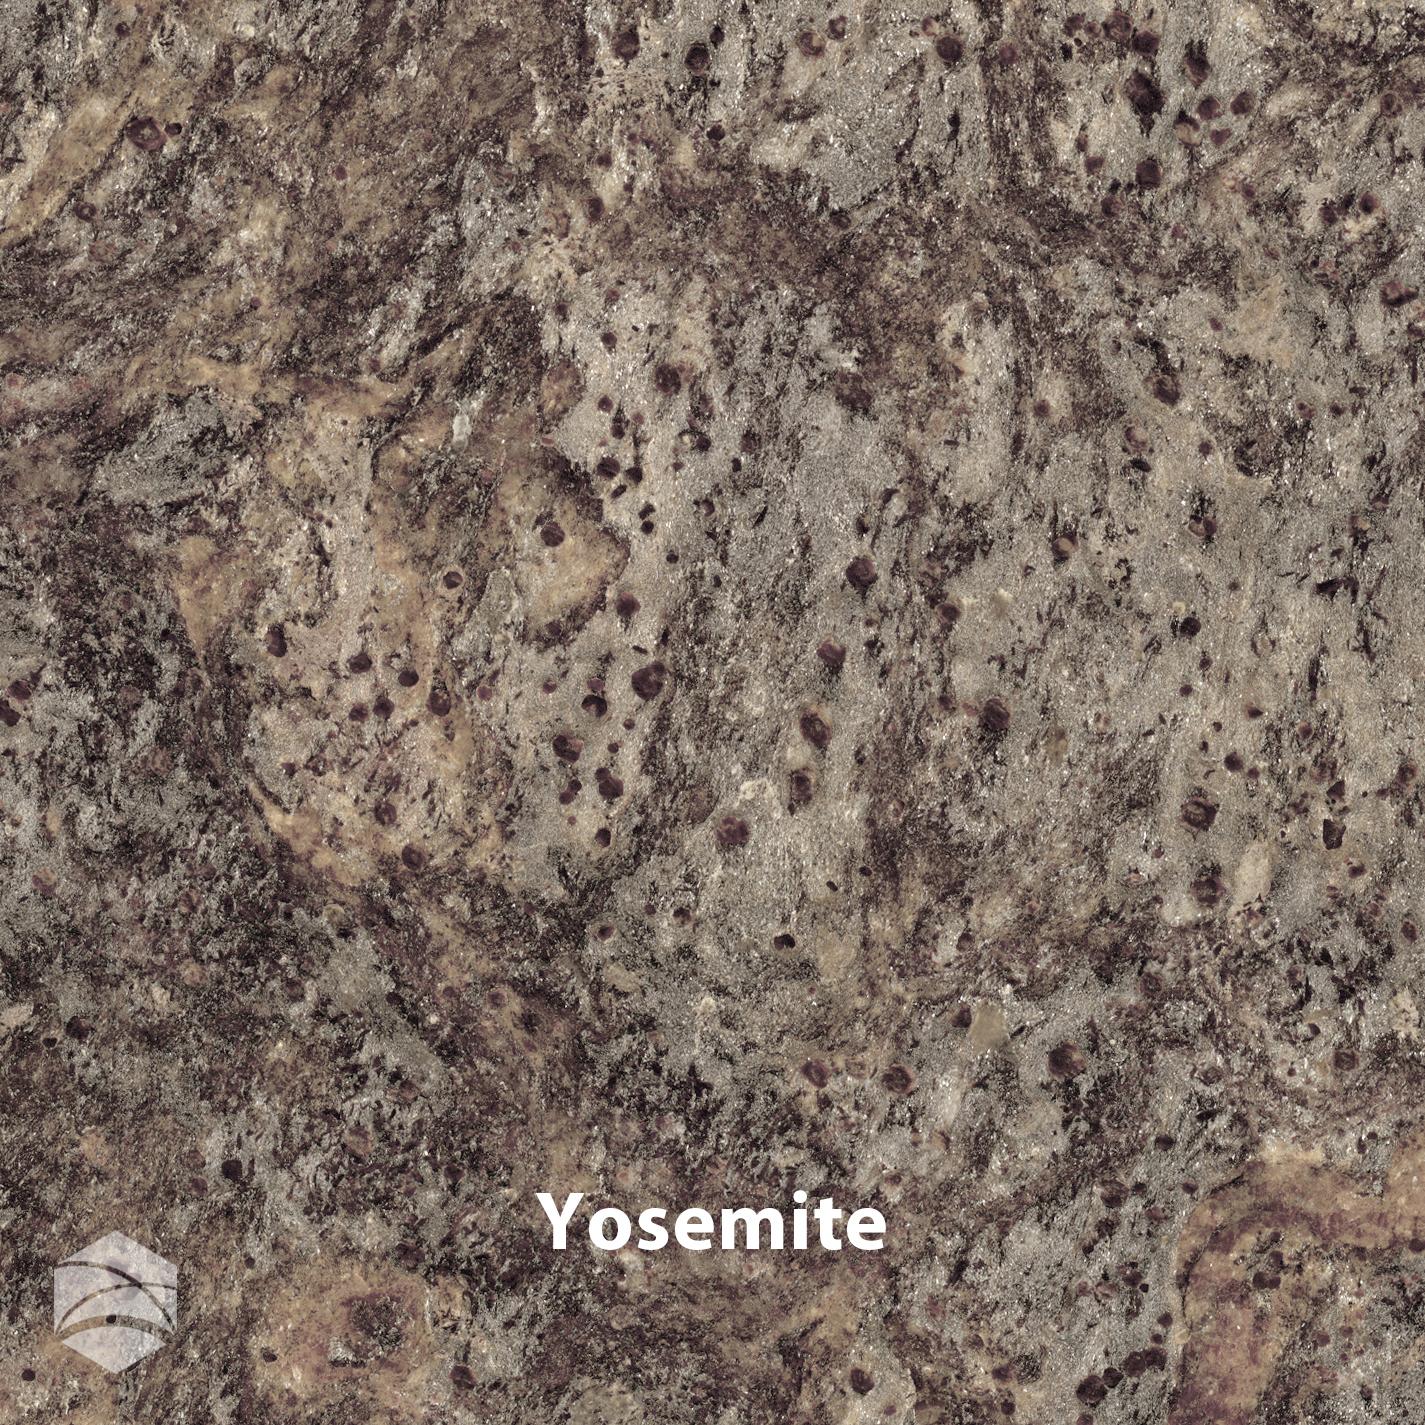 Yosemite_V2_14x14.jpg